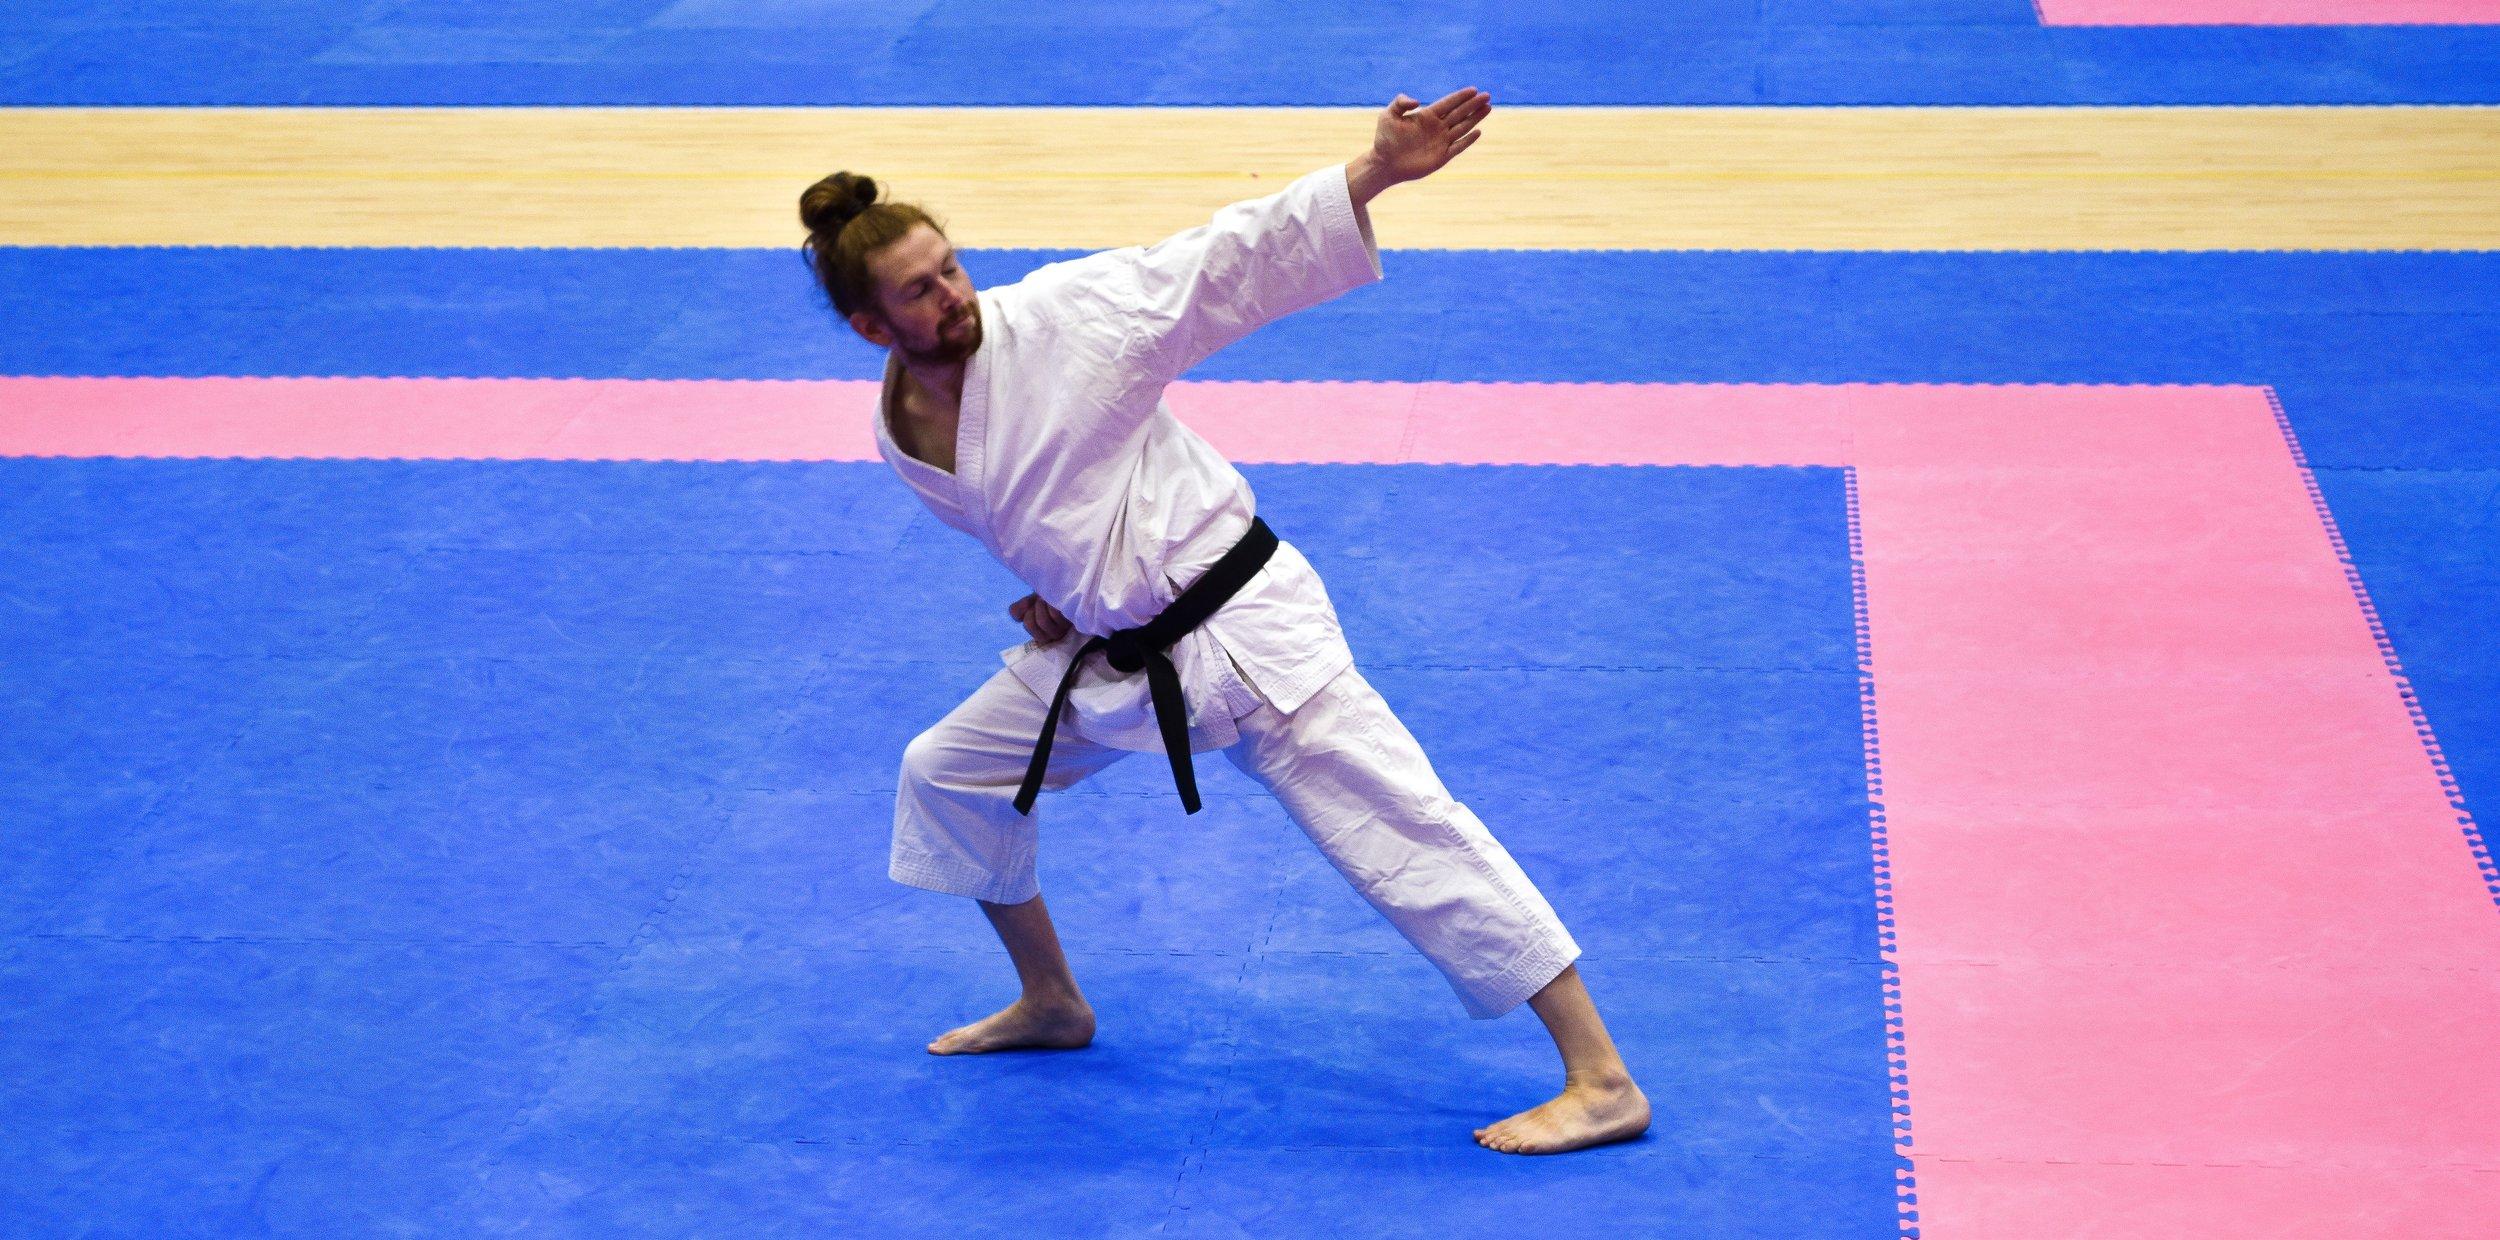 Karate 20170807-0056 (2).jpg